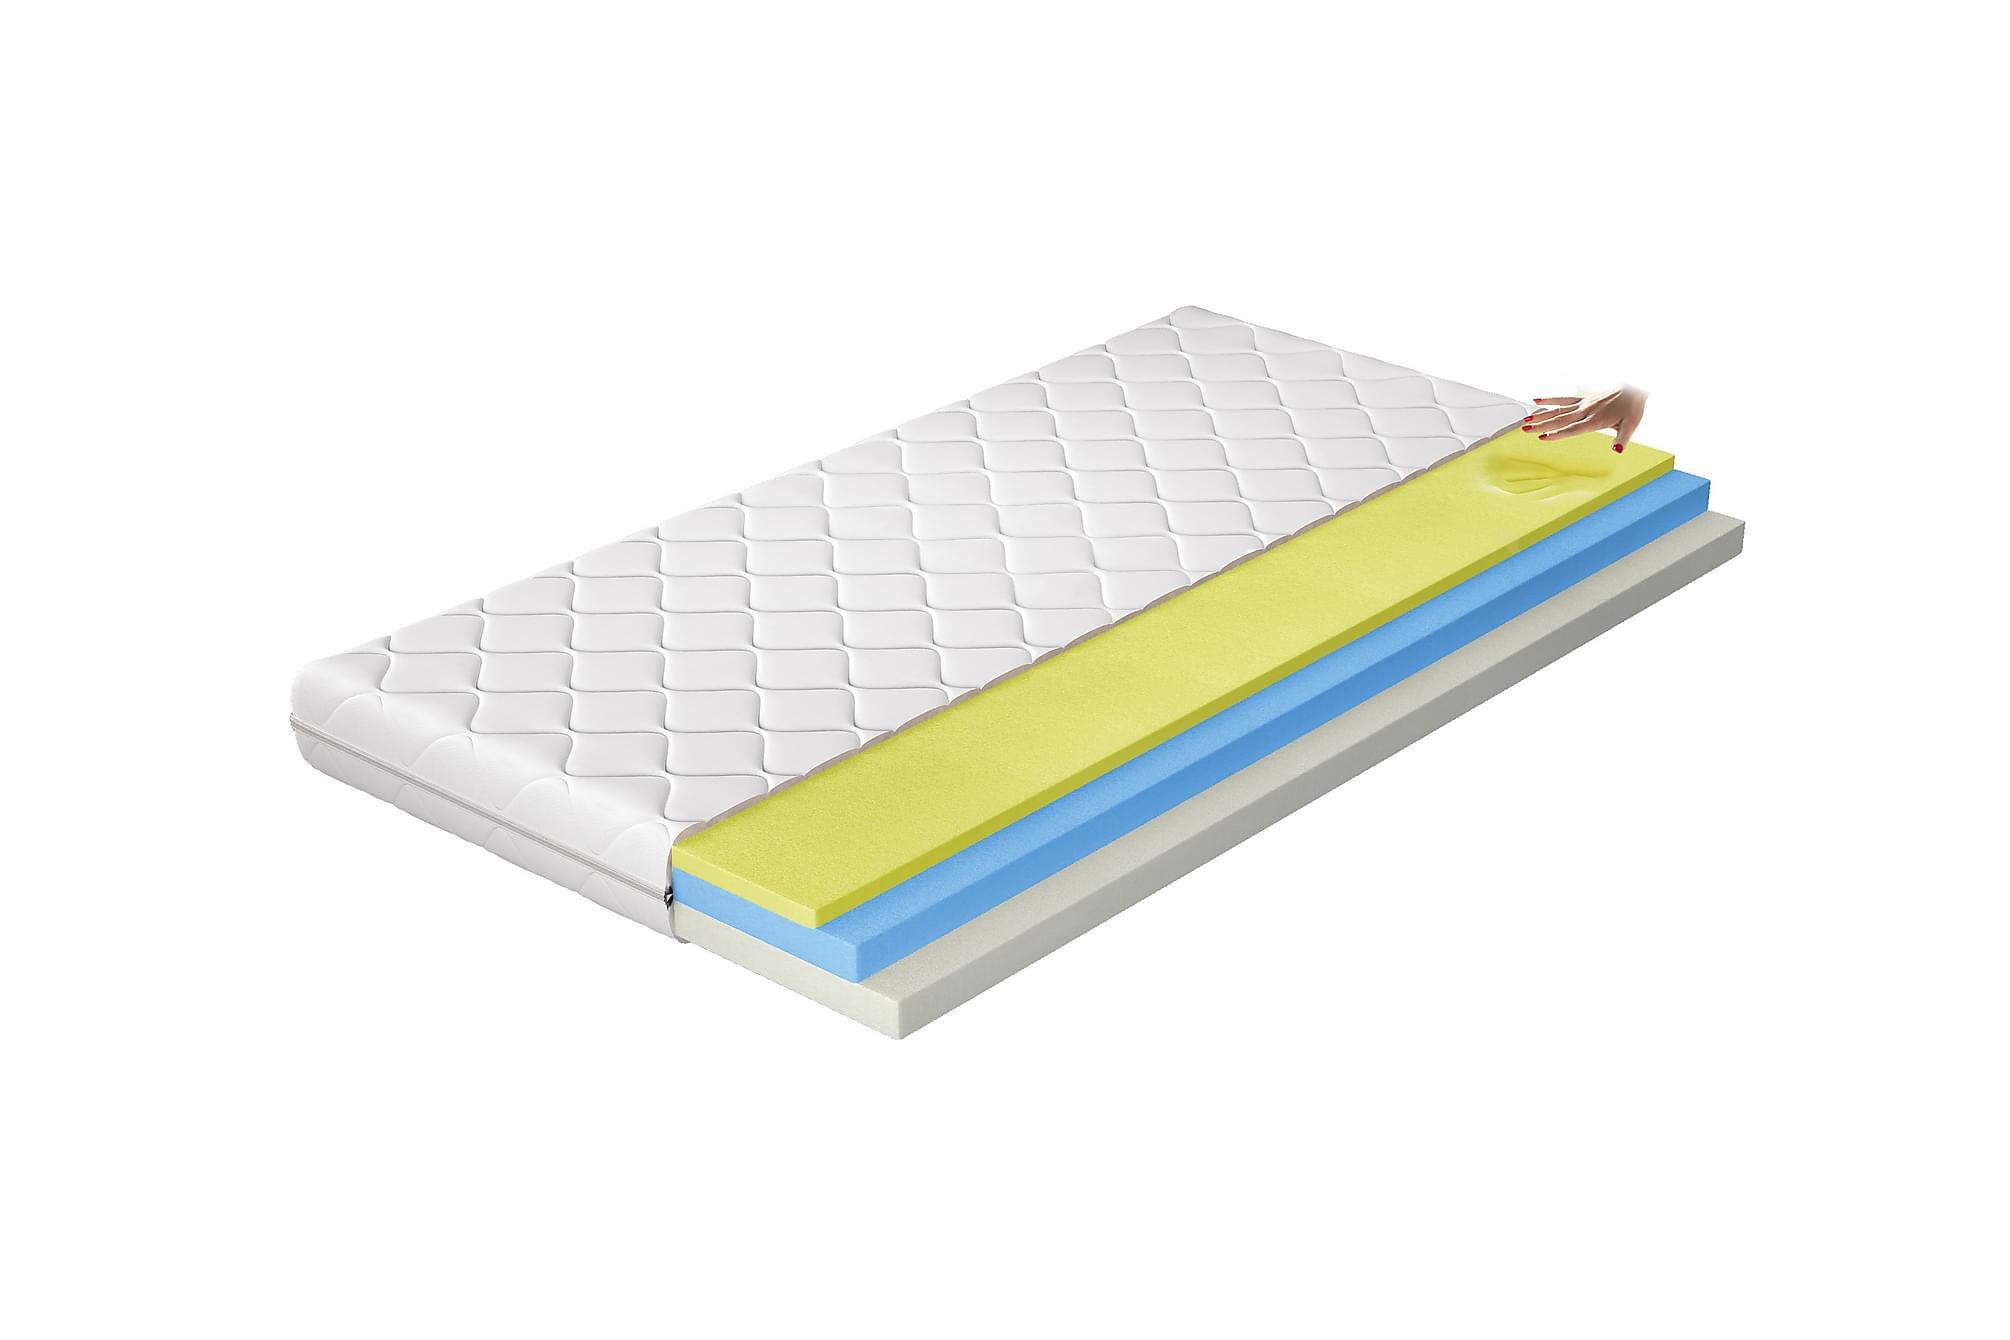 AJANEDO Madrass 180x200 cm Vit, Övriga madrasser & tillbehör